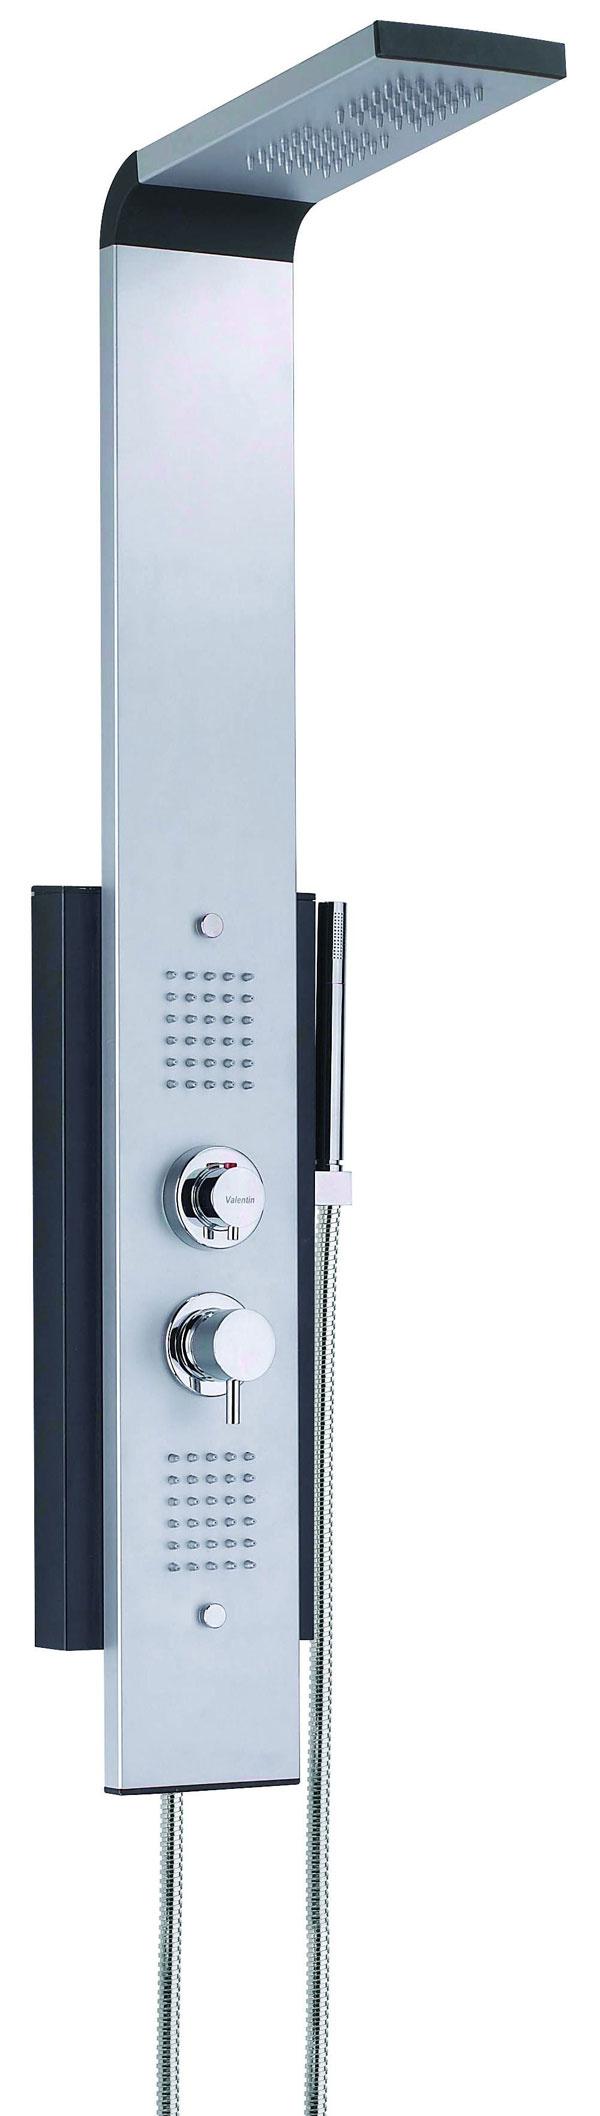 Hydromasážny panel Cobra poskytuje spolu stropickým dažďom vytvoreným šesťdesiatimi dýzami vhornej časti panelu aj ďalších šesťdesiat dýz na masáž celého tela. Má aj ručnú sprchu aje osadený termostatickou batériou sdetskou poistkou. Dýzy sú chránené proti zaneseniu vodným kameňom. Inštaluje sa na stenu. Cena 815 €. Predáva Ravak.